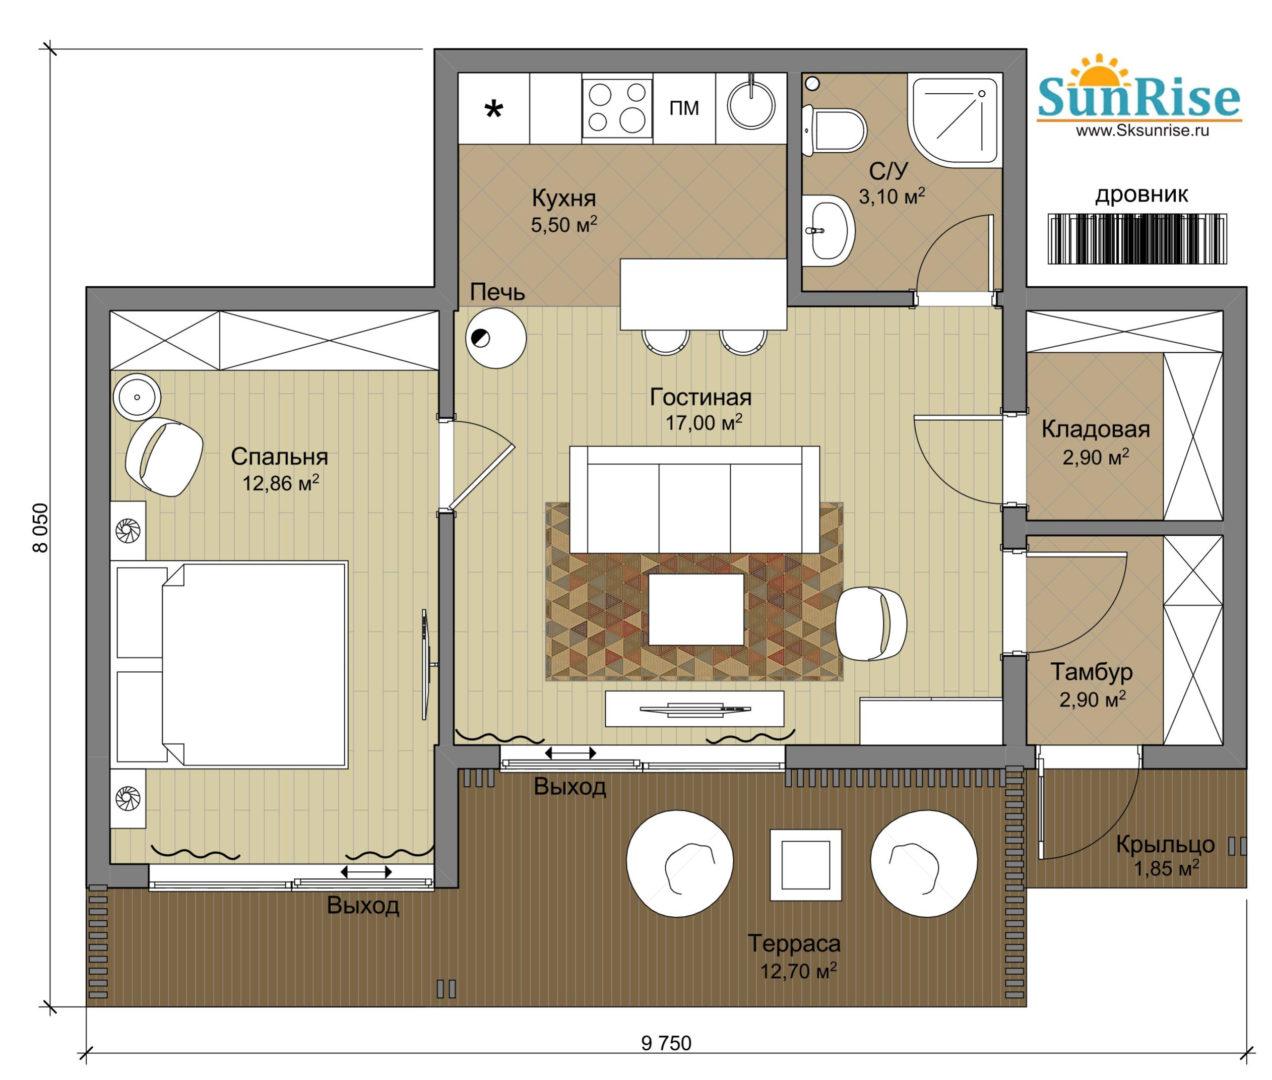 """Двухкомнатный одноэтажный дом с террасой """"Солнечный-2"""""""